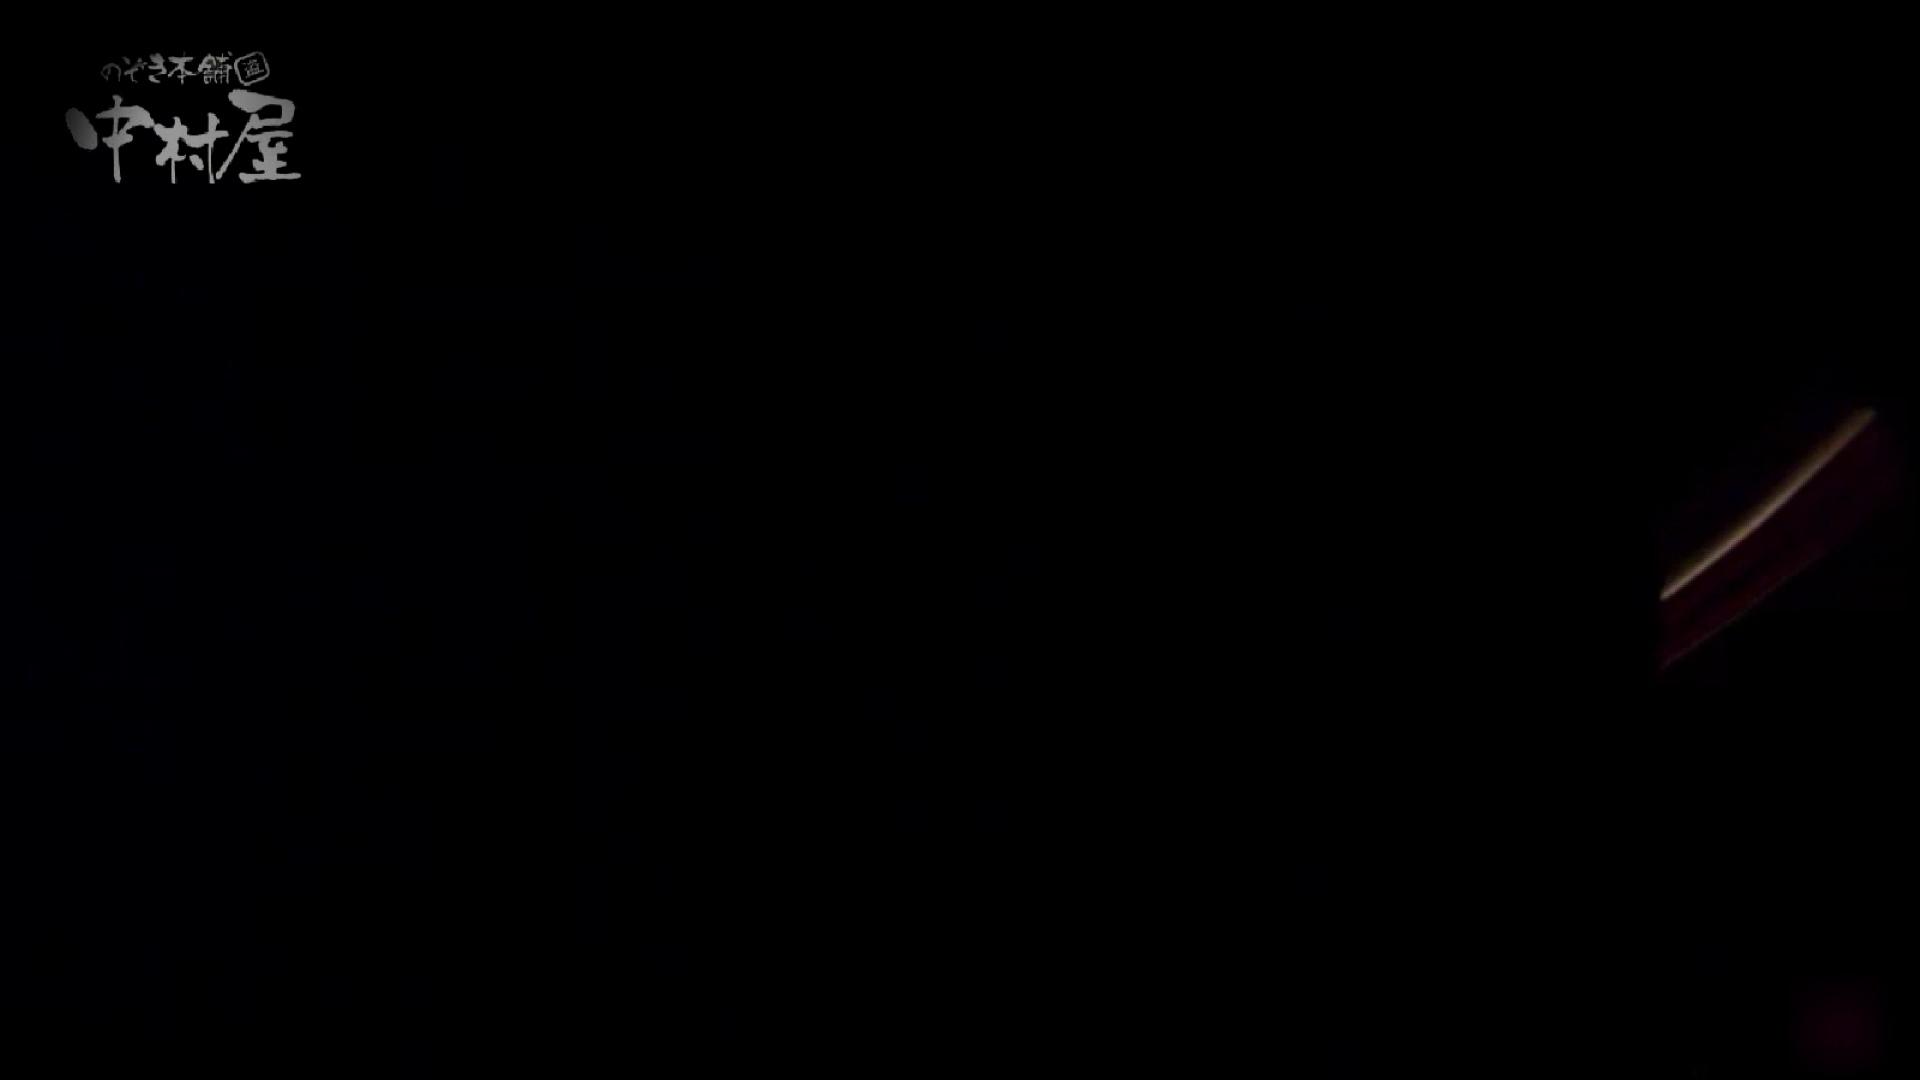 女子トイレ盗撮~某ファミレス編~vol.31 OLエロ画像 隠し撮りセックス画像 80PICs 77